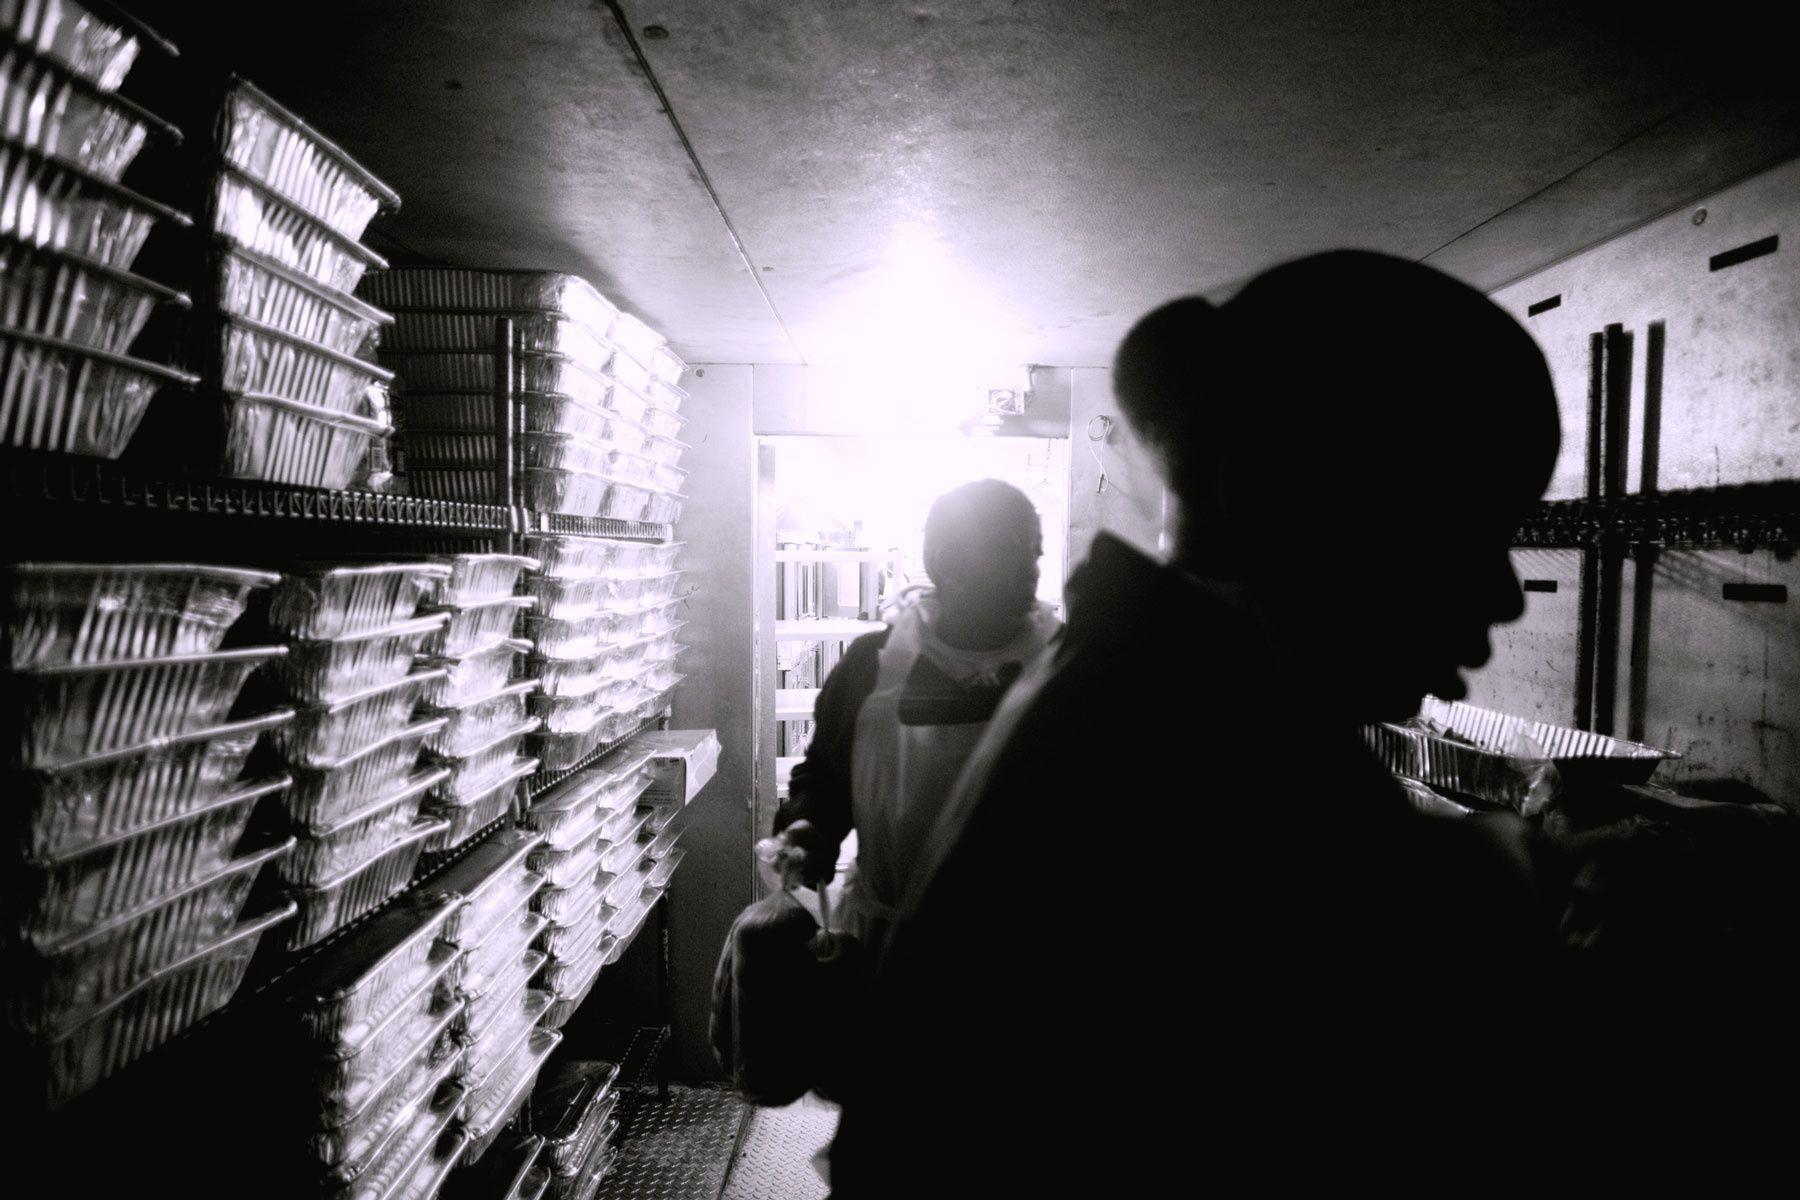 1kitchen_shadow_freezer_food_sized_mg_8276